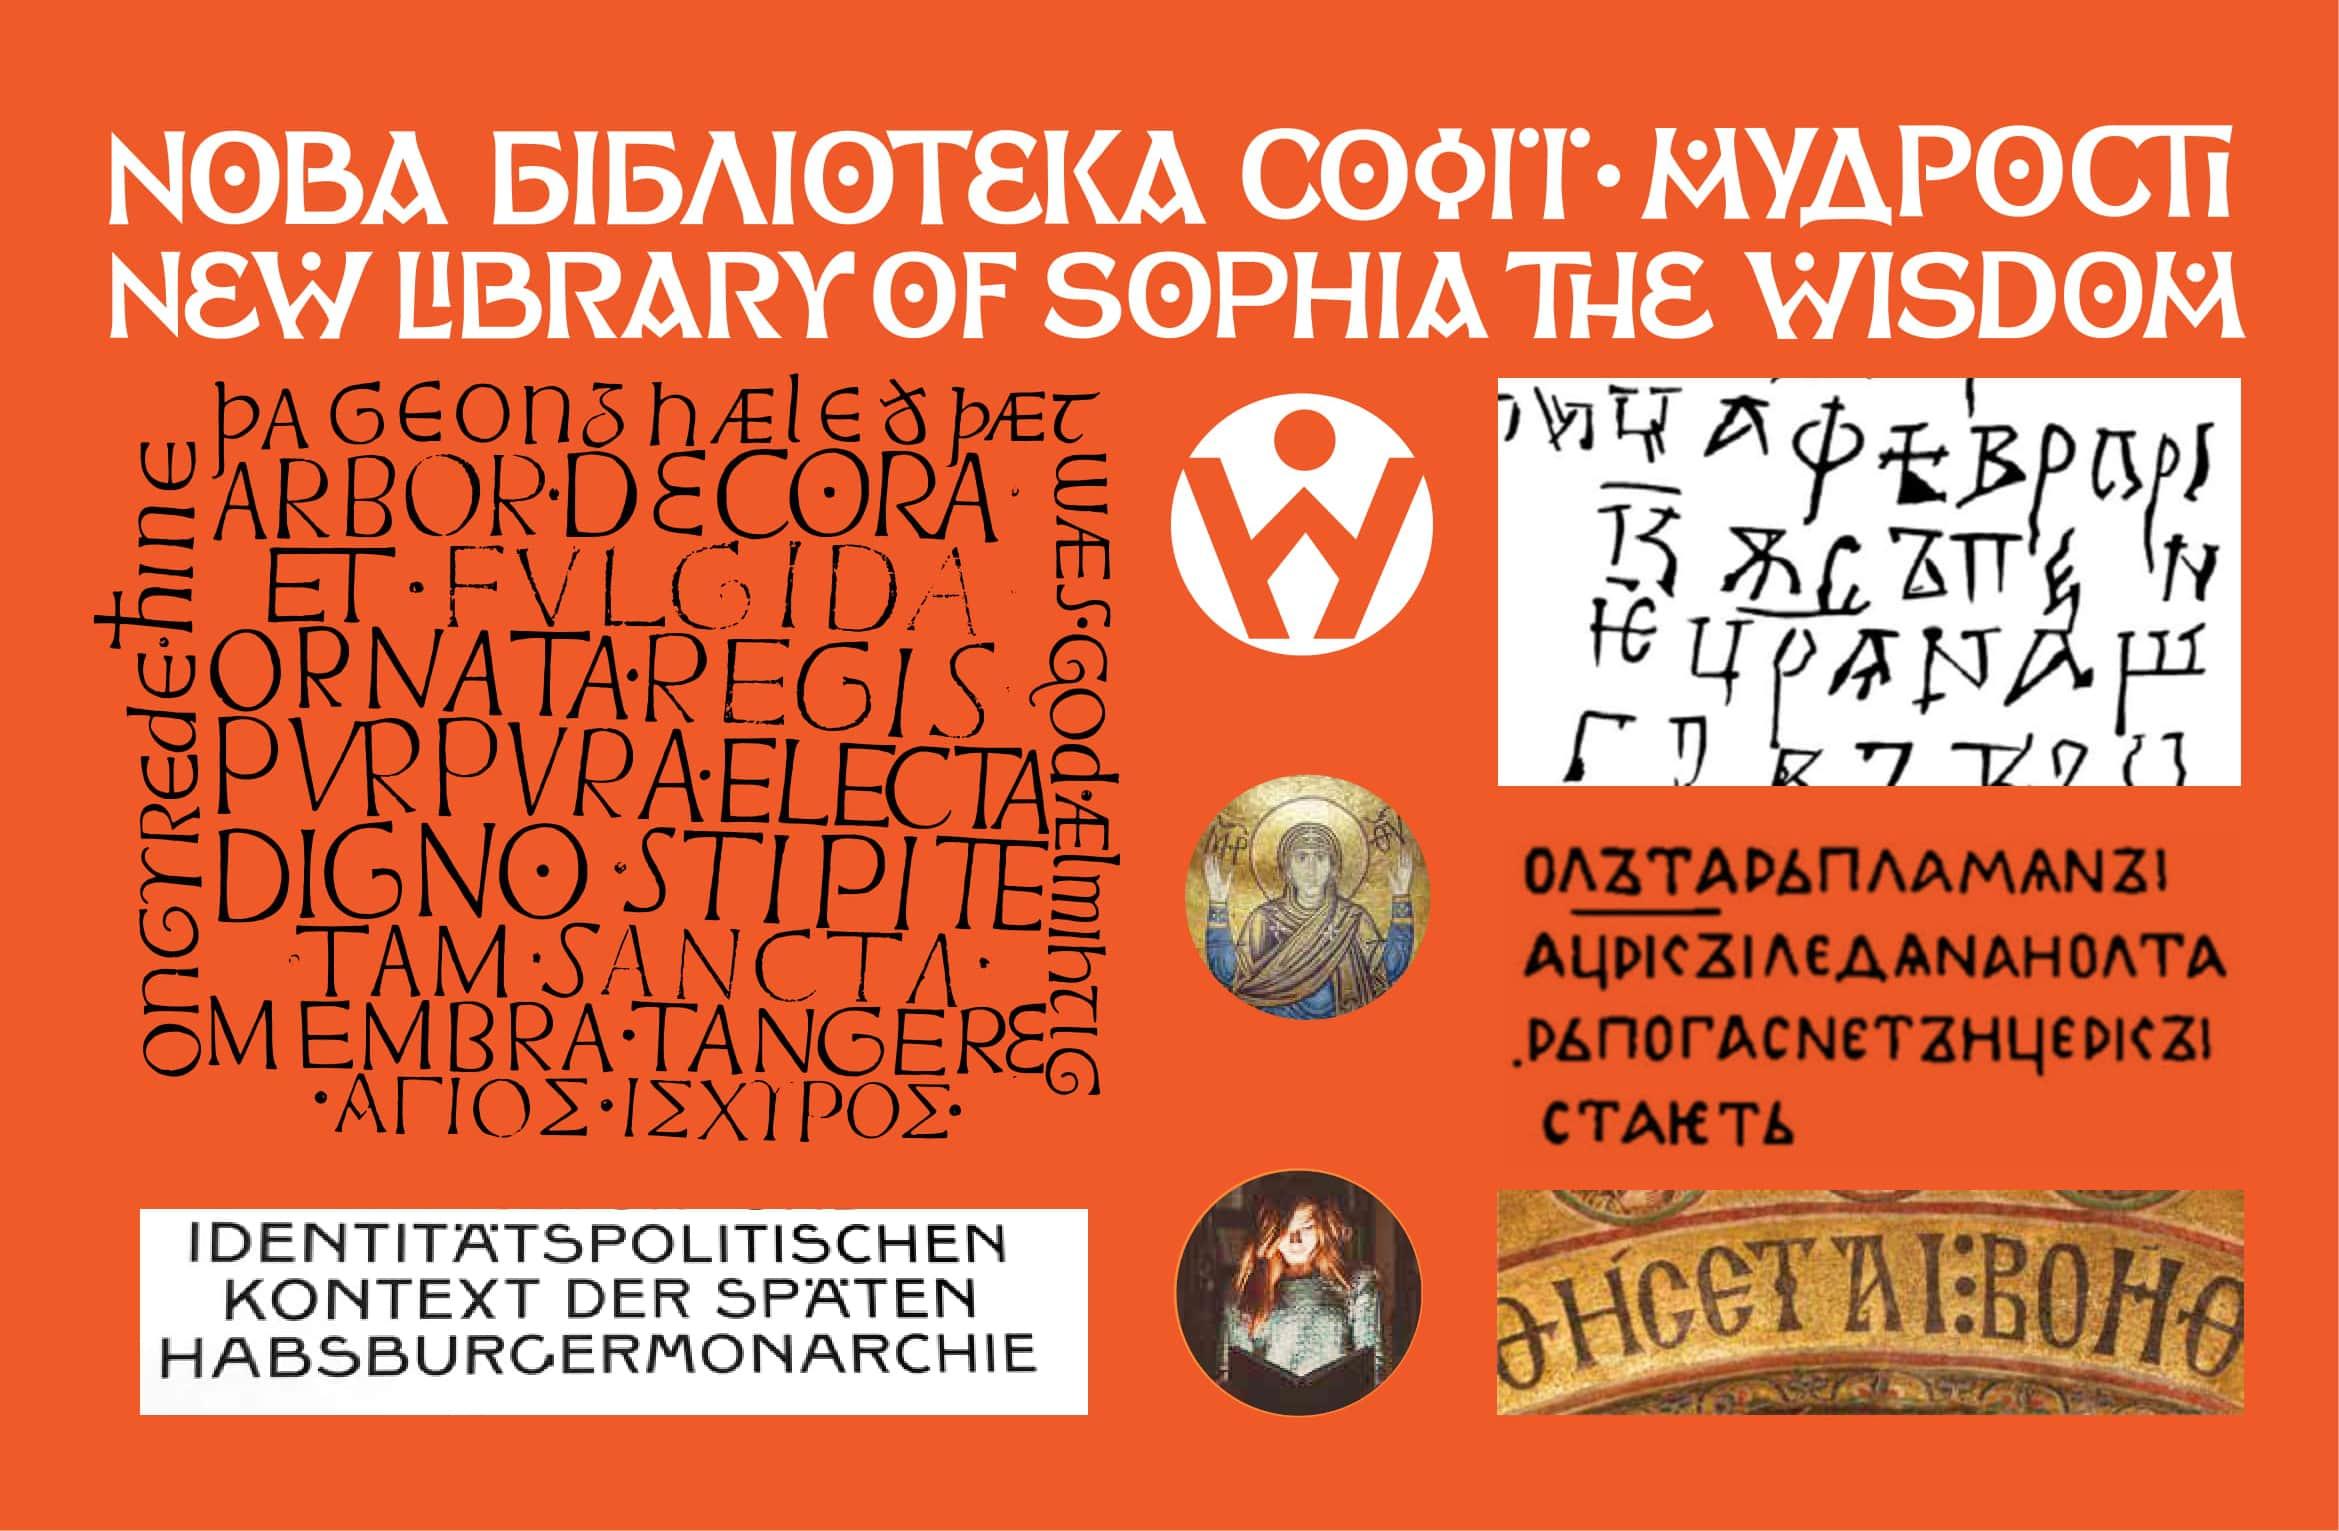 Запрошуємо на сайт Нової бібліотеки Софії NewLib.org.ua